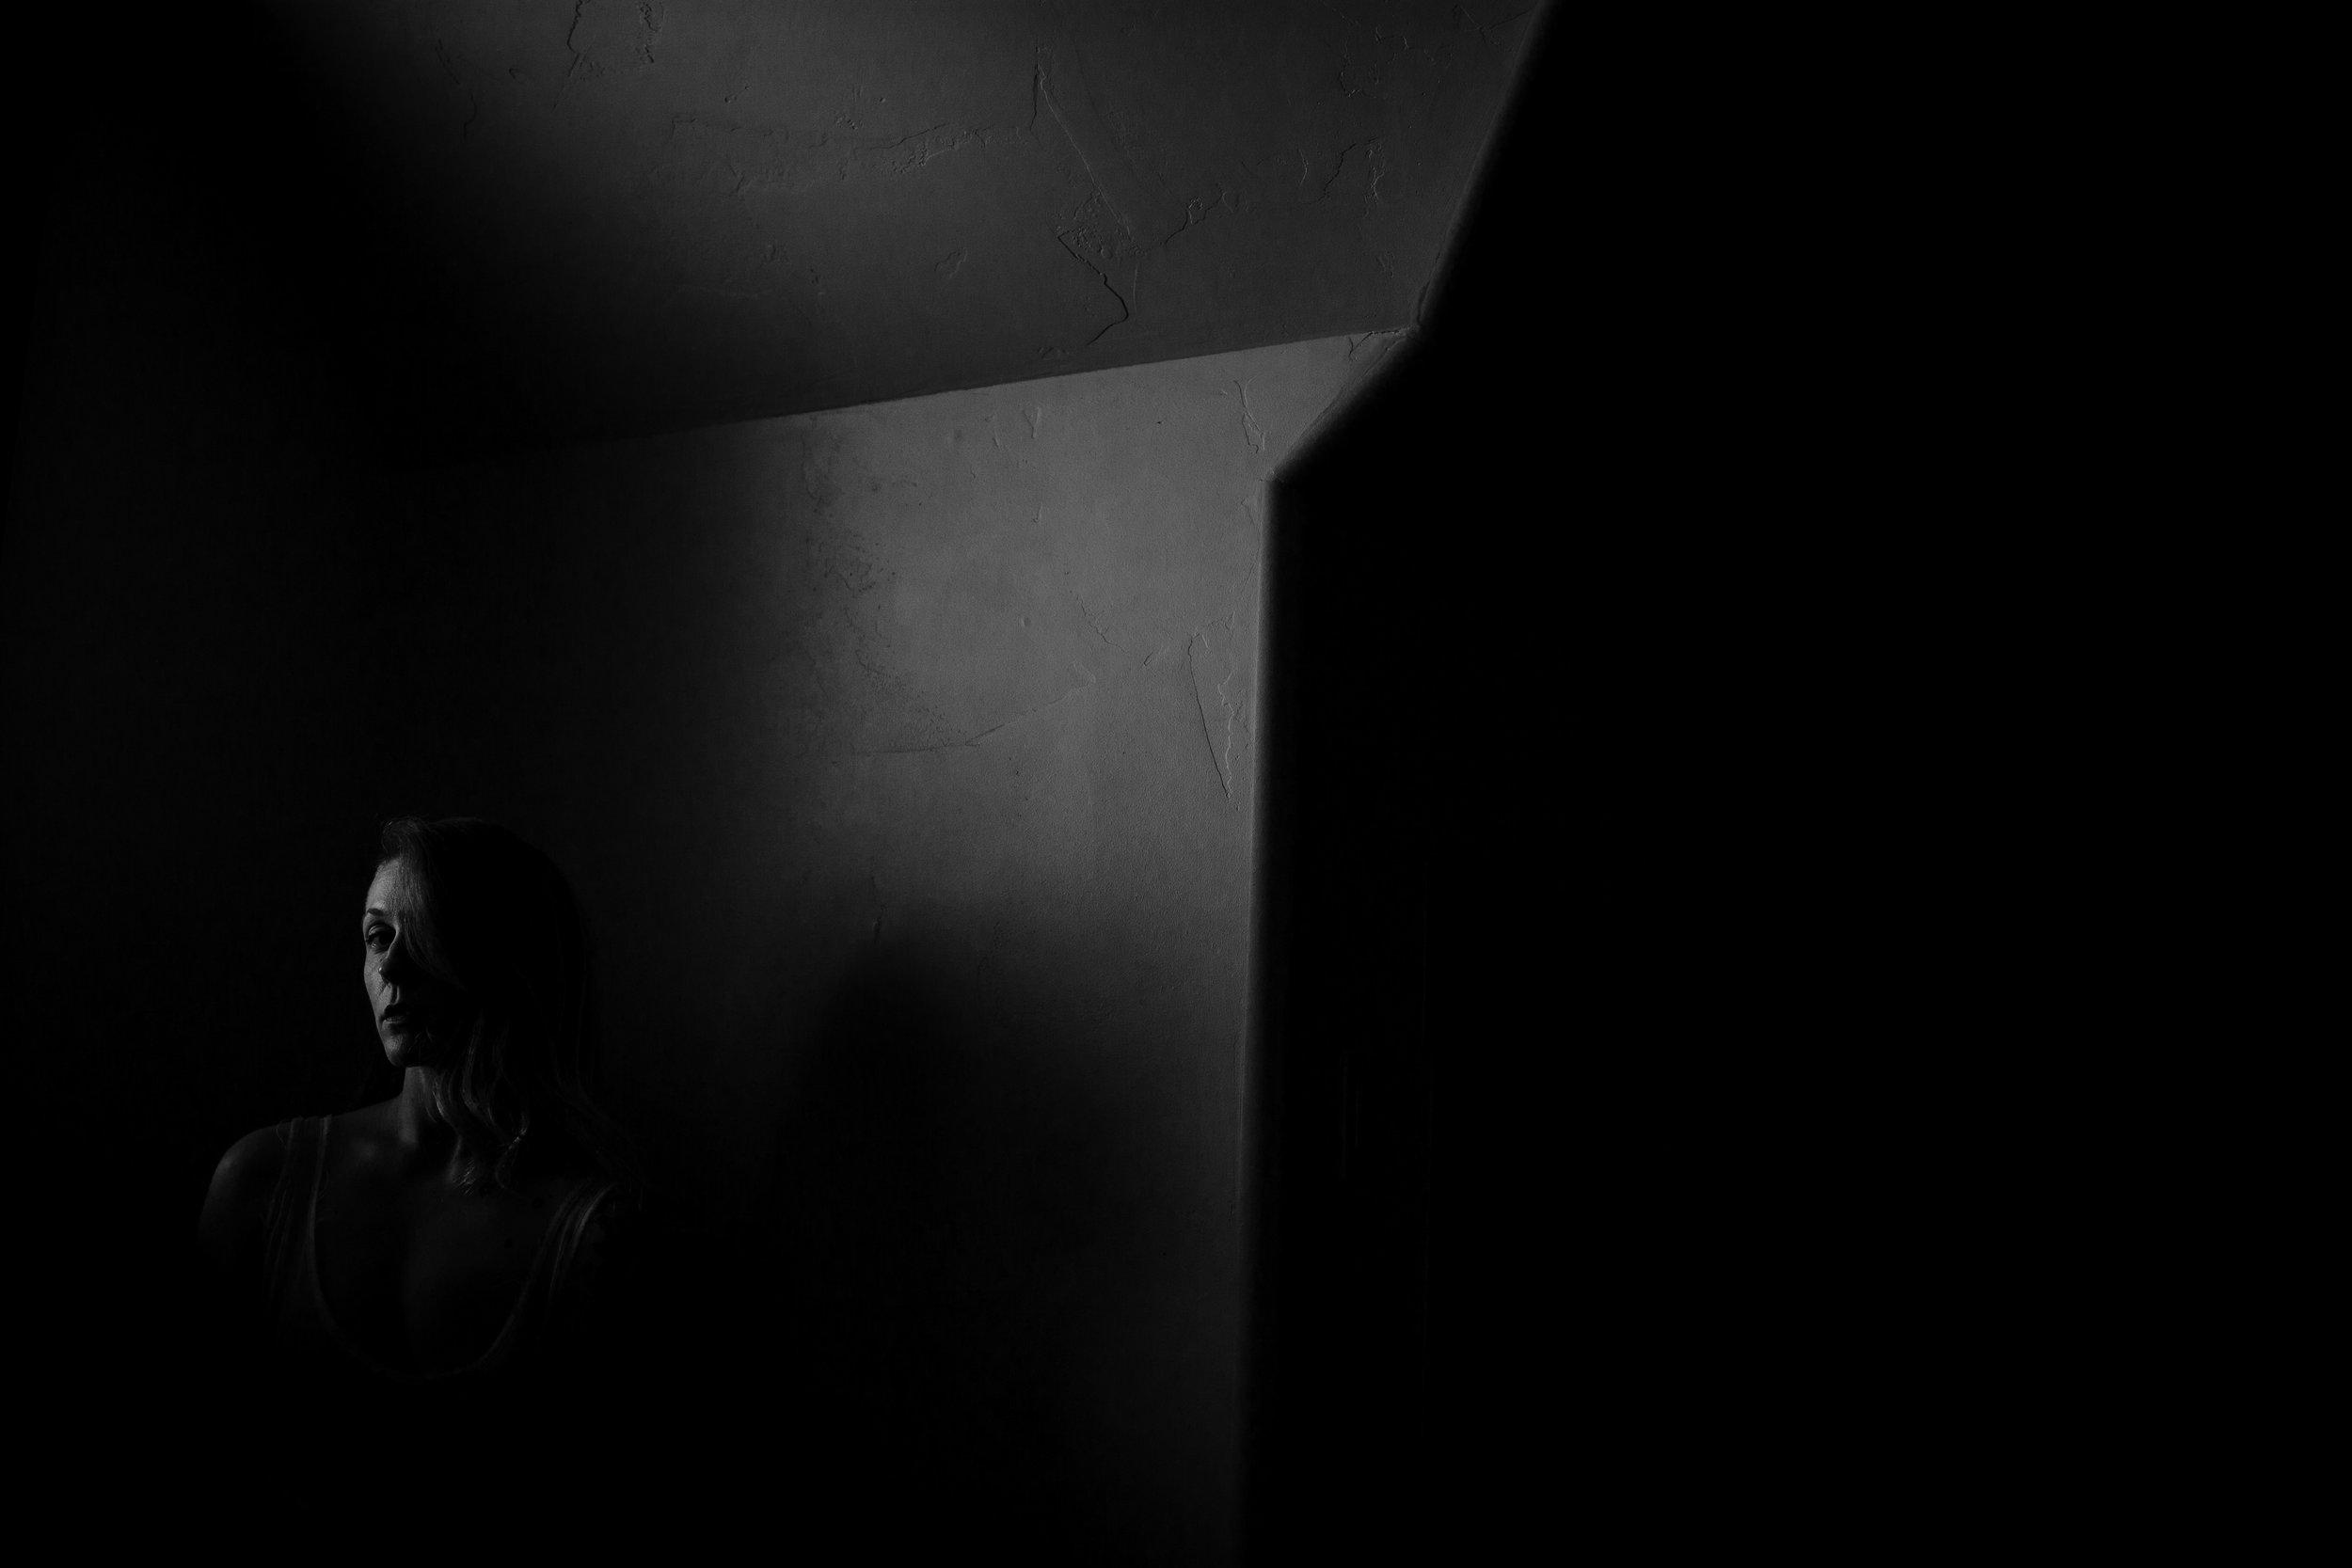 emotive-photographer-jessica-max-april-125.jpg